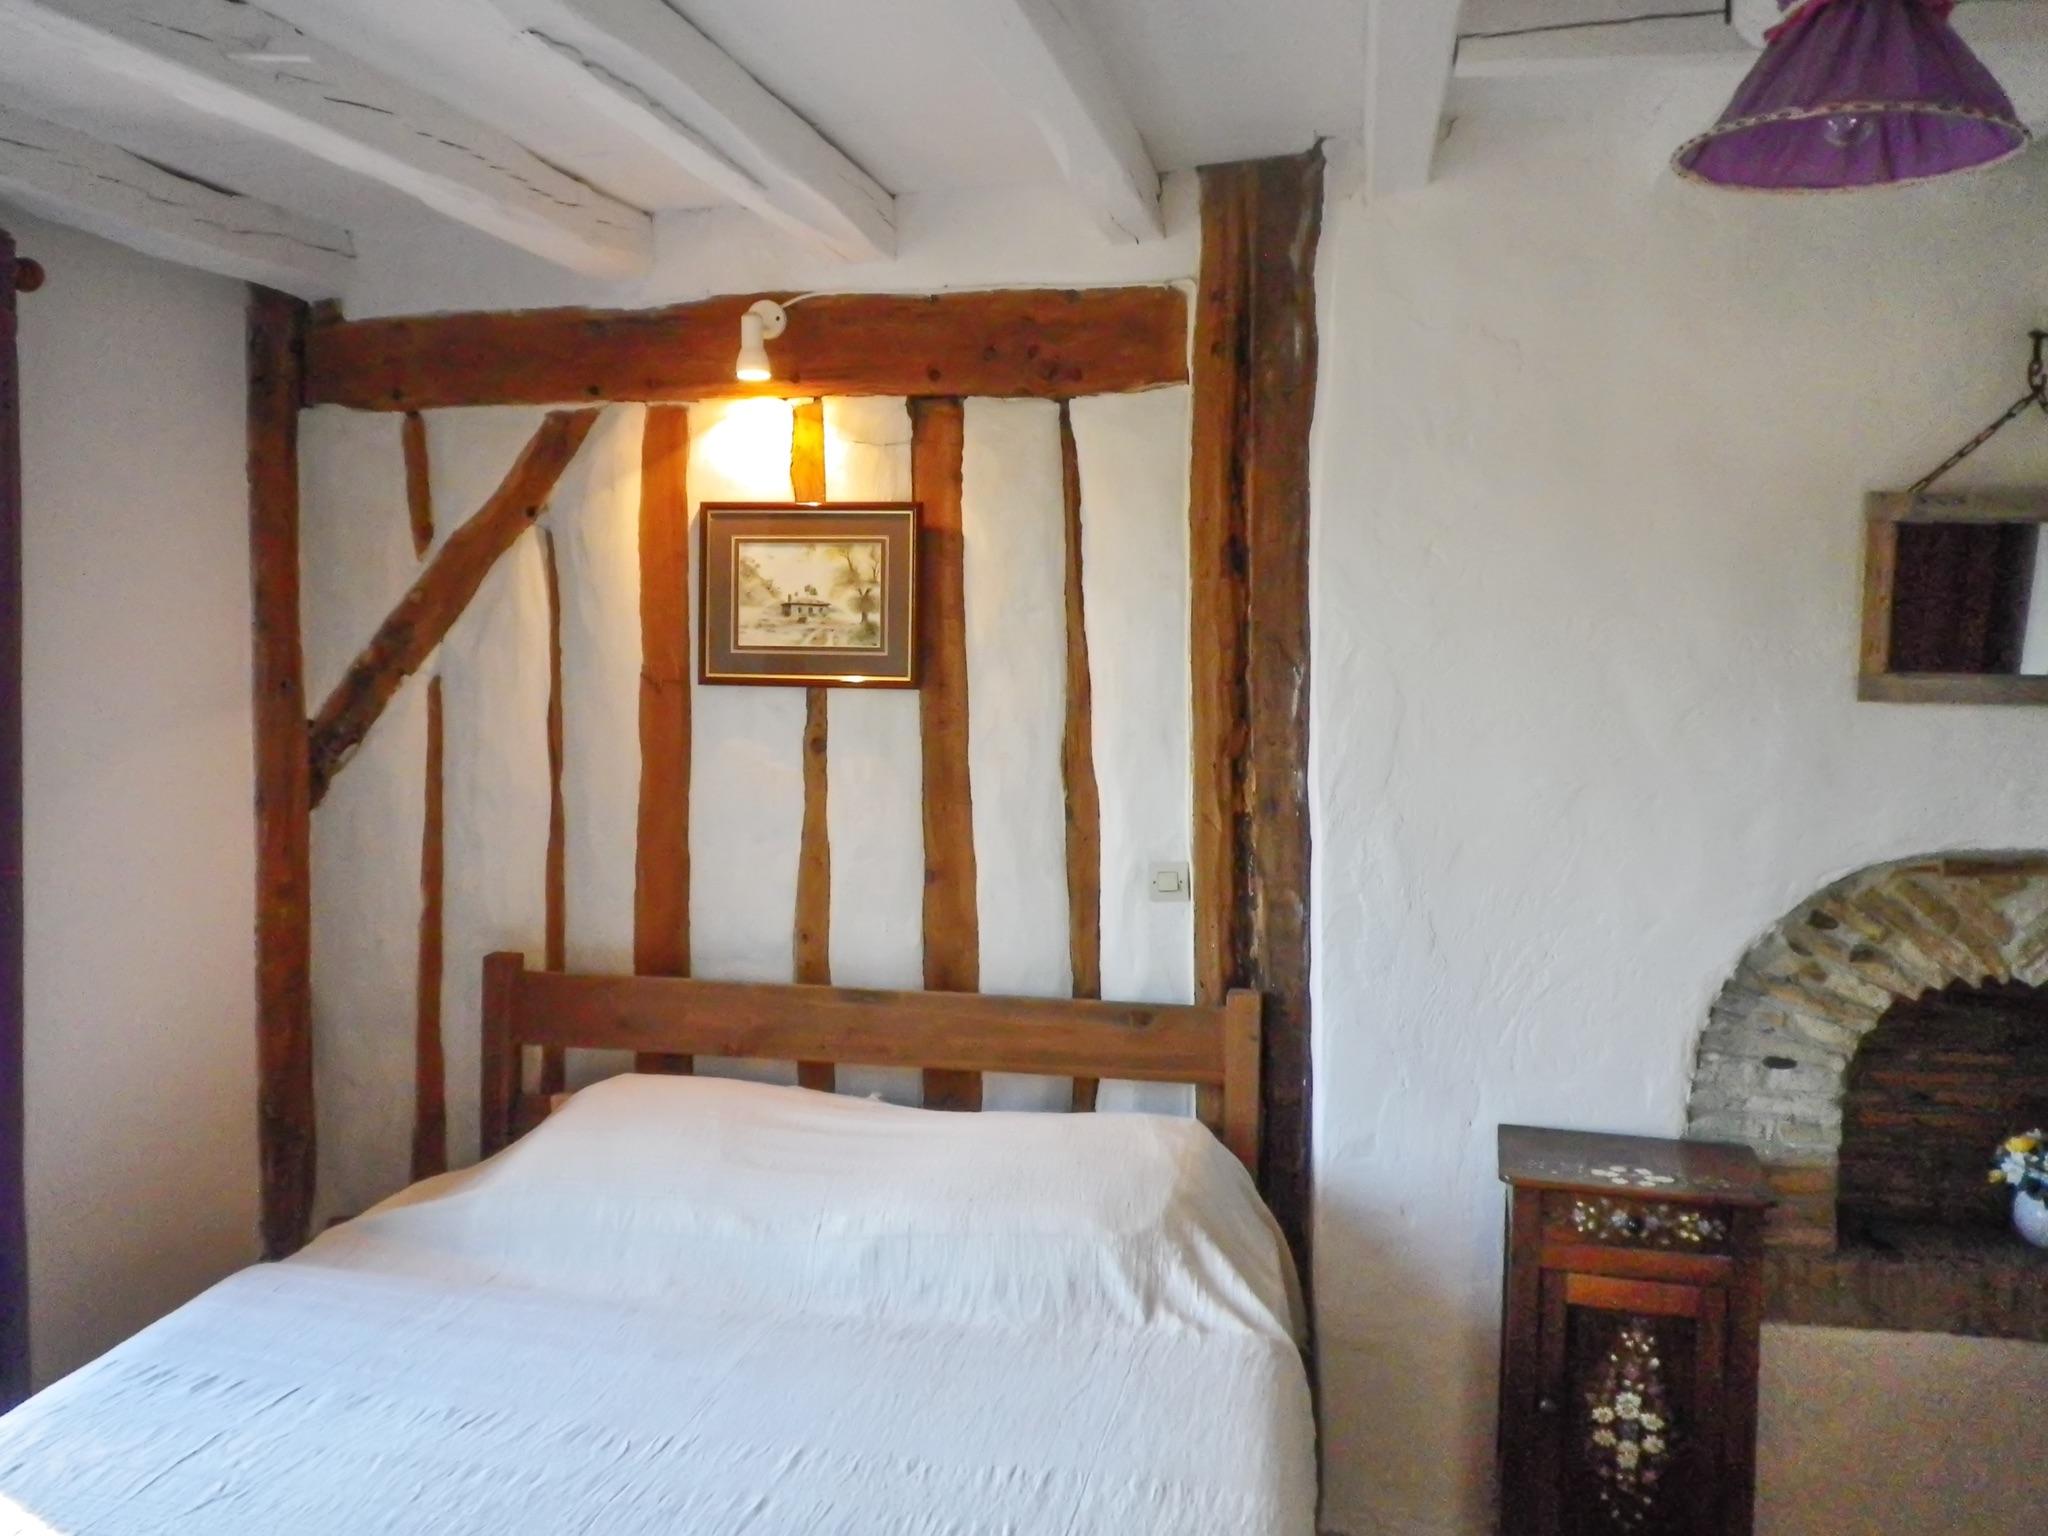 Ferienhaus Villa mit 4 Zimmern in Trensacq mit privatem Pool und möbliertem Garten - 45 km vom Strand (2202366), Trensacq, Landes, Aquitanien, Frankreich, Bild 21